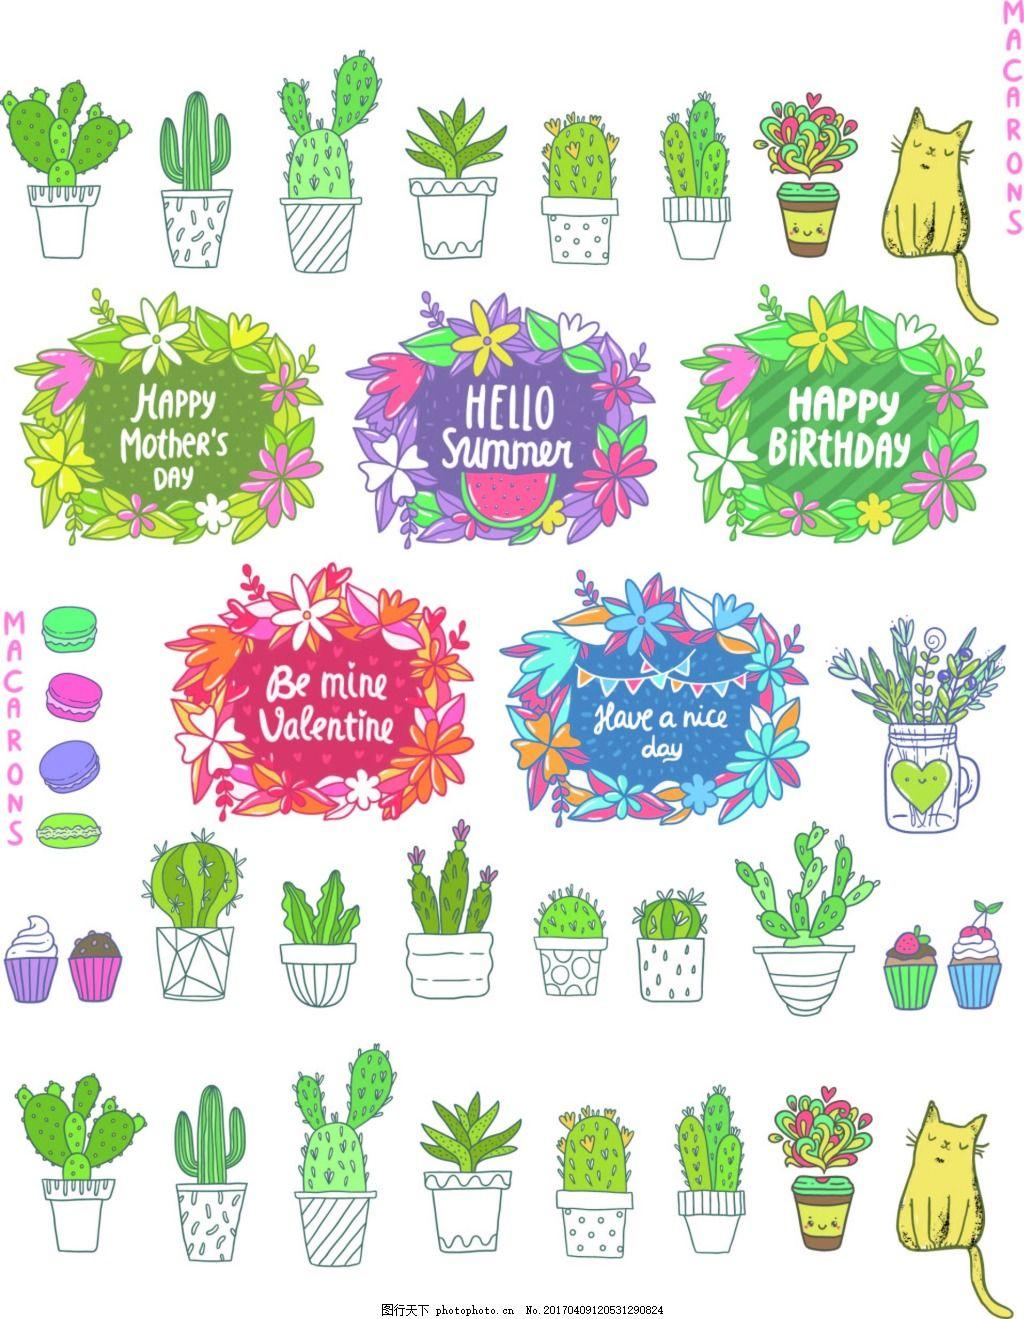 植物图标 手绘植物 多肉植物 仙人掌 花卉